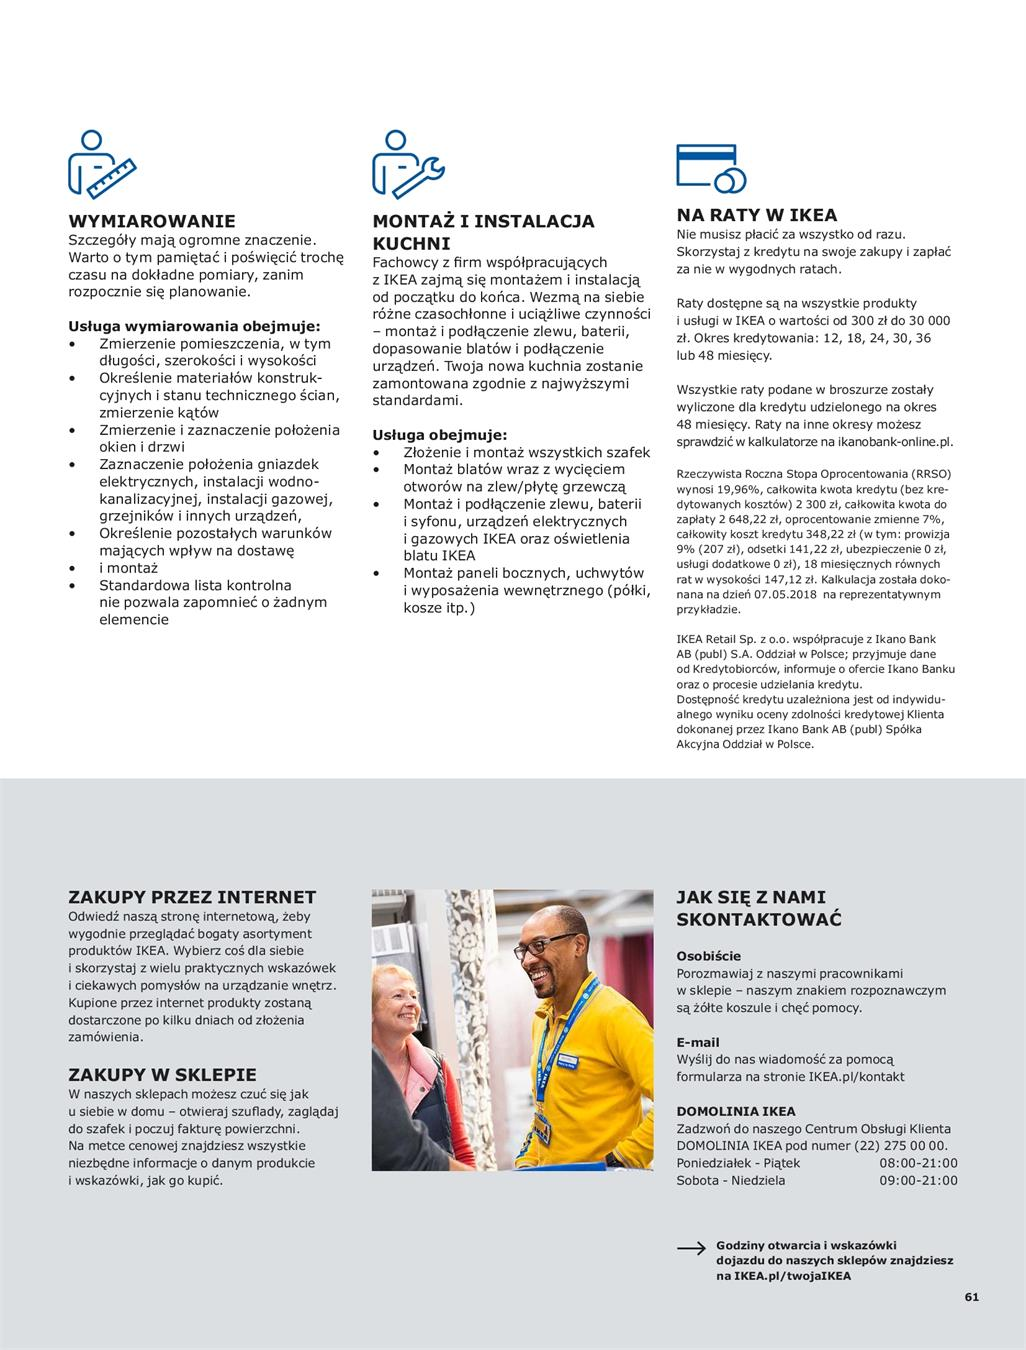 Gazetka Promocyjna Ikeacom Pl Kuchnie 2019 Sierpień